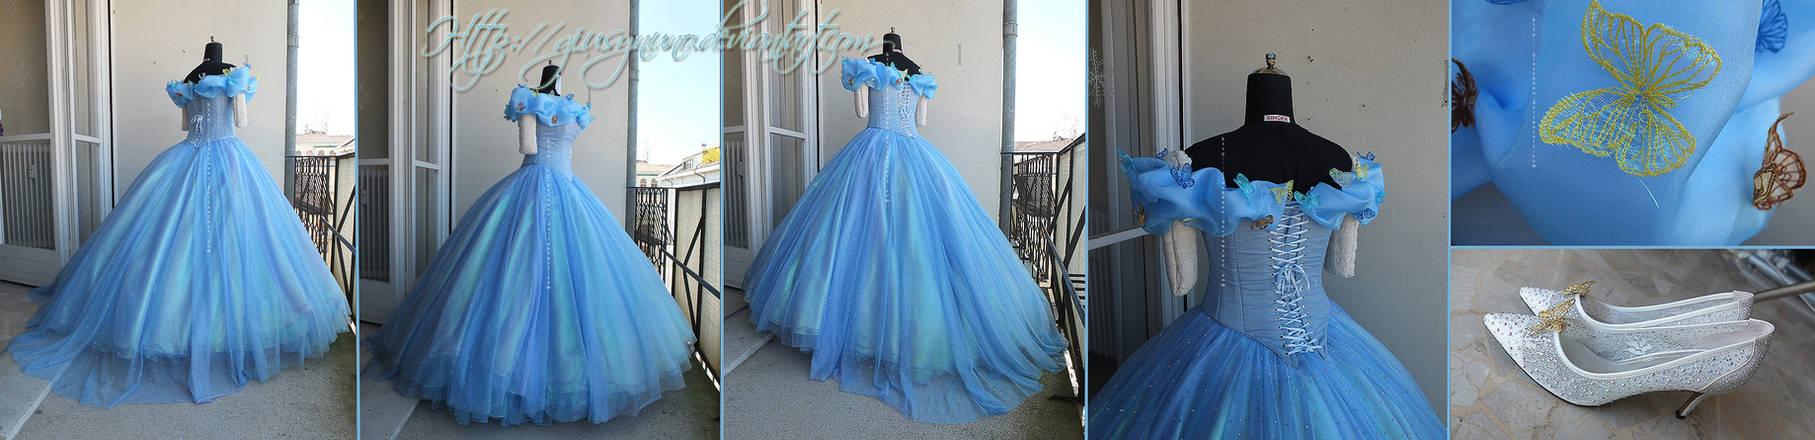 Disney's Cinderella 2015 Ballgown